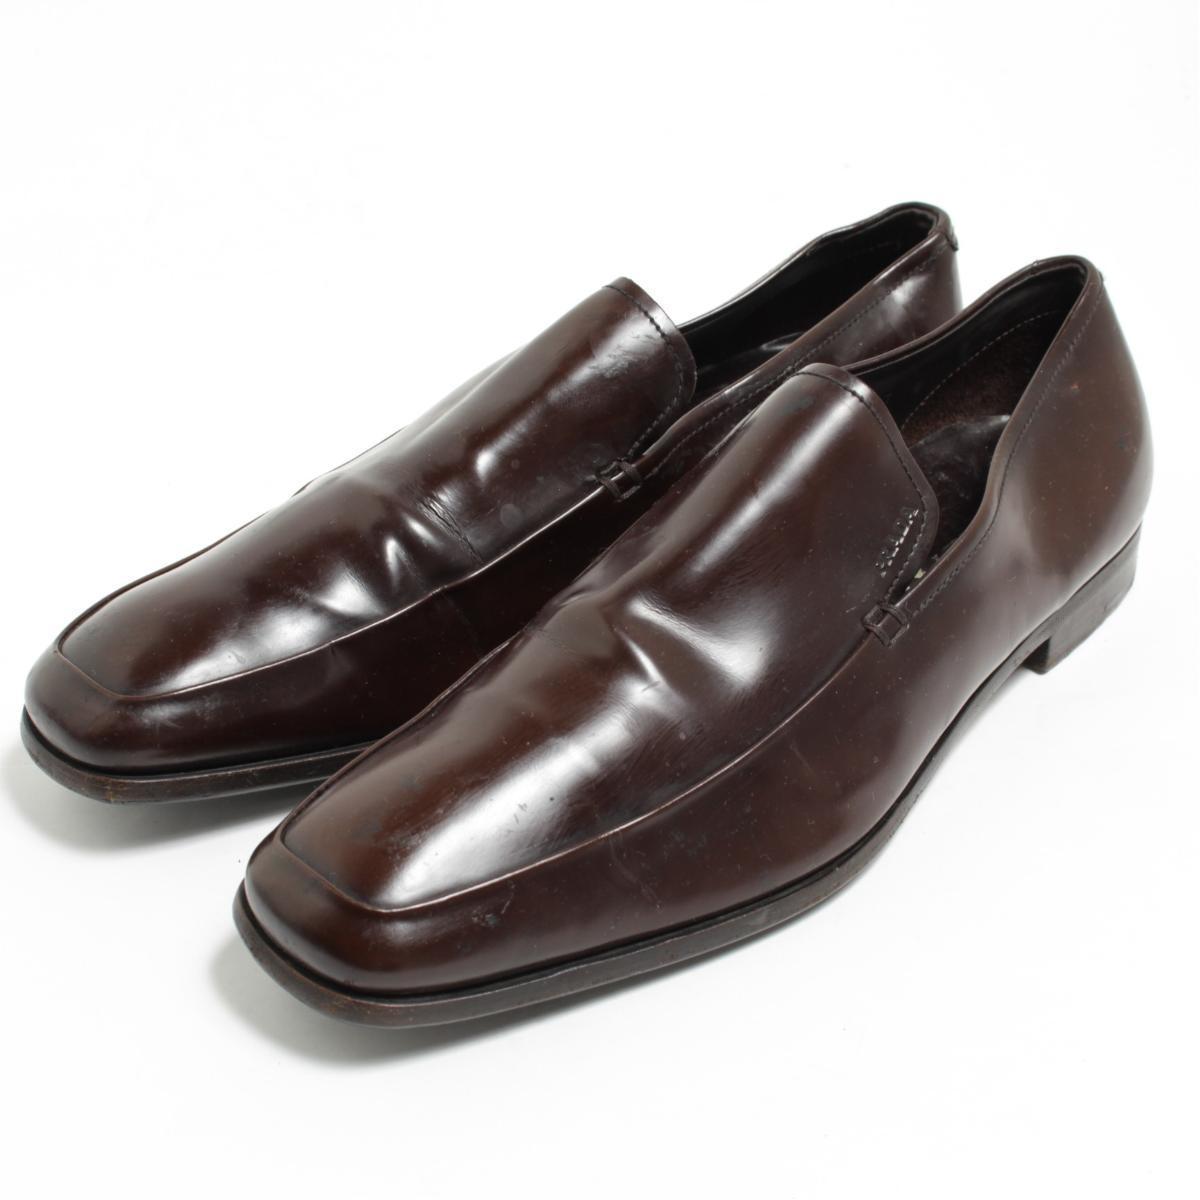 97754c65 discount prada loafer shoes mens 9812e 8ef1a